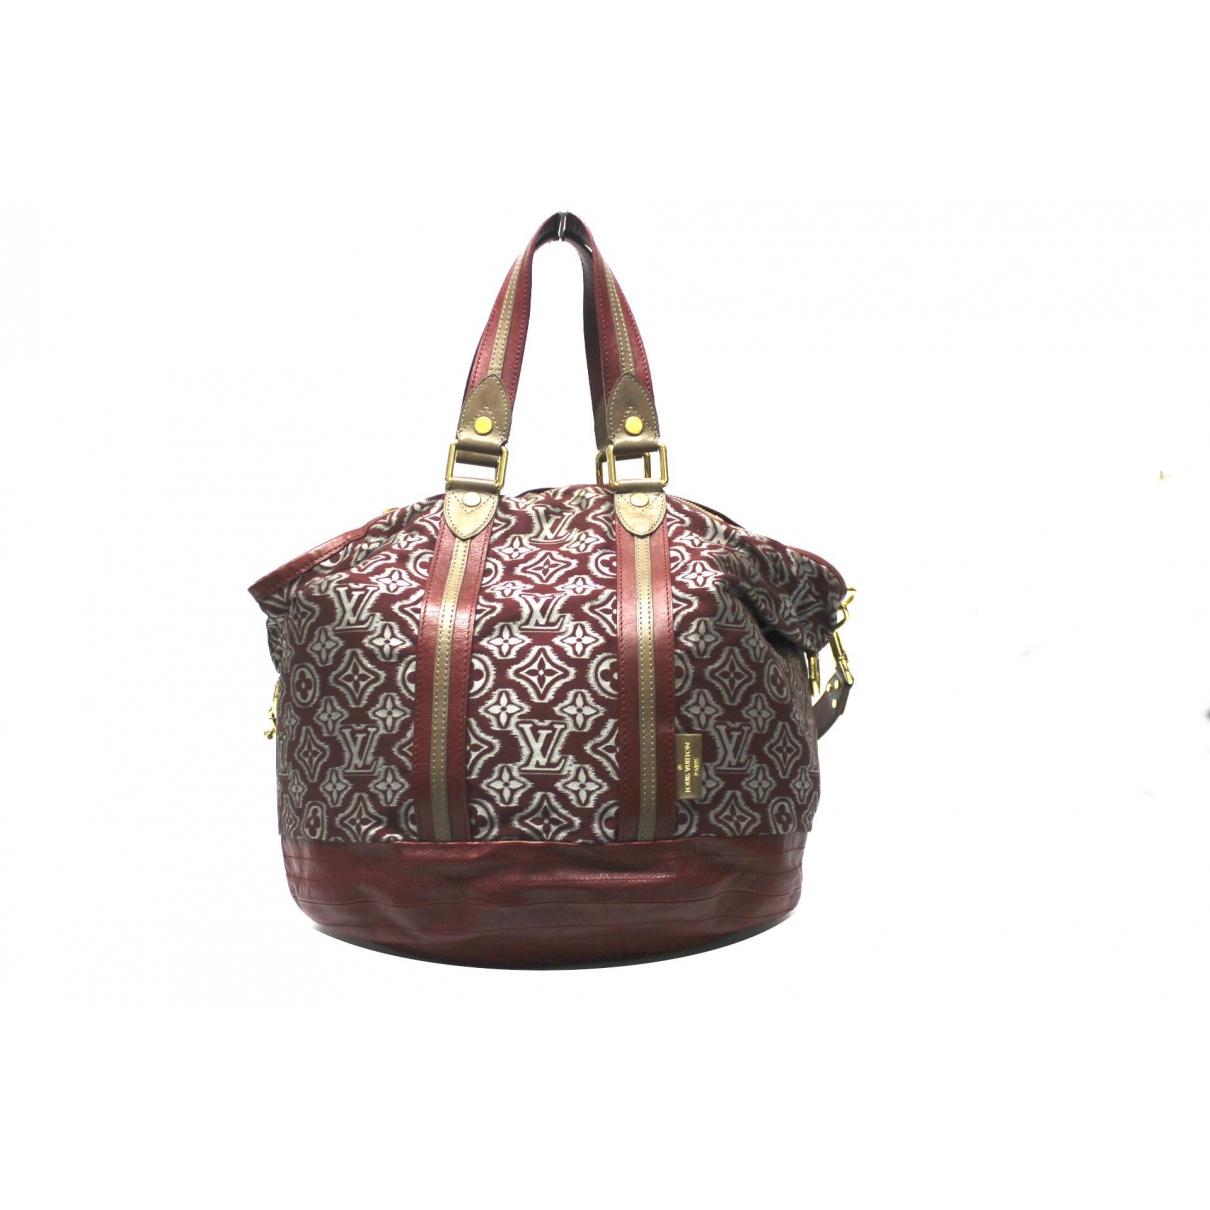 Louis Vuitton - Sac a main   pour femme en toile - bordeaux